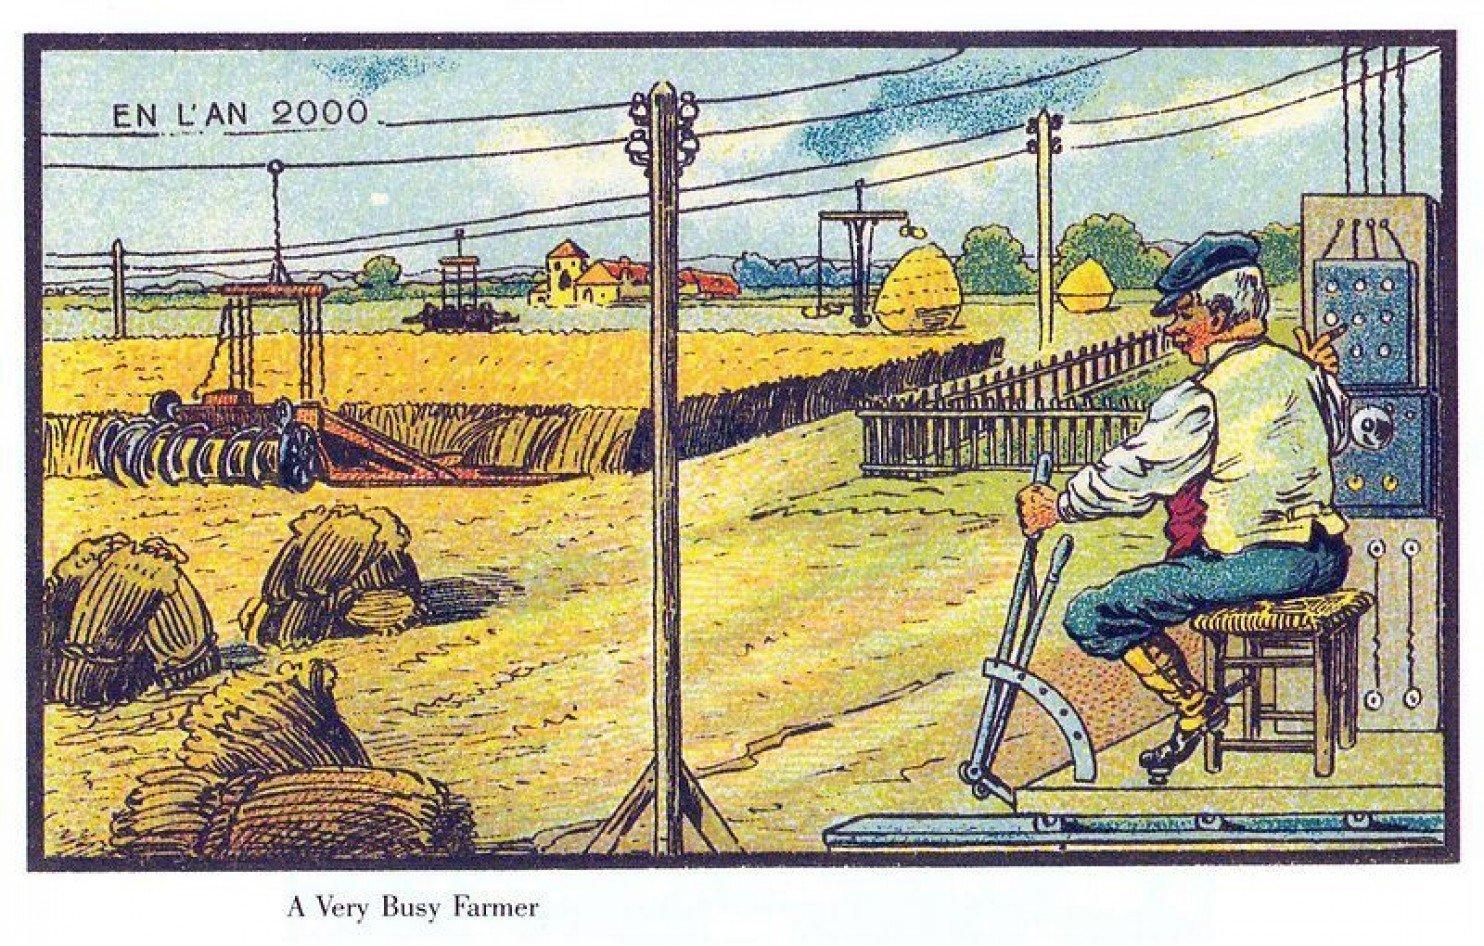 como imaginaban el futuro en 1900 ilustraciones 2